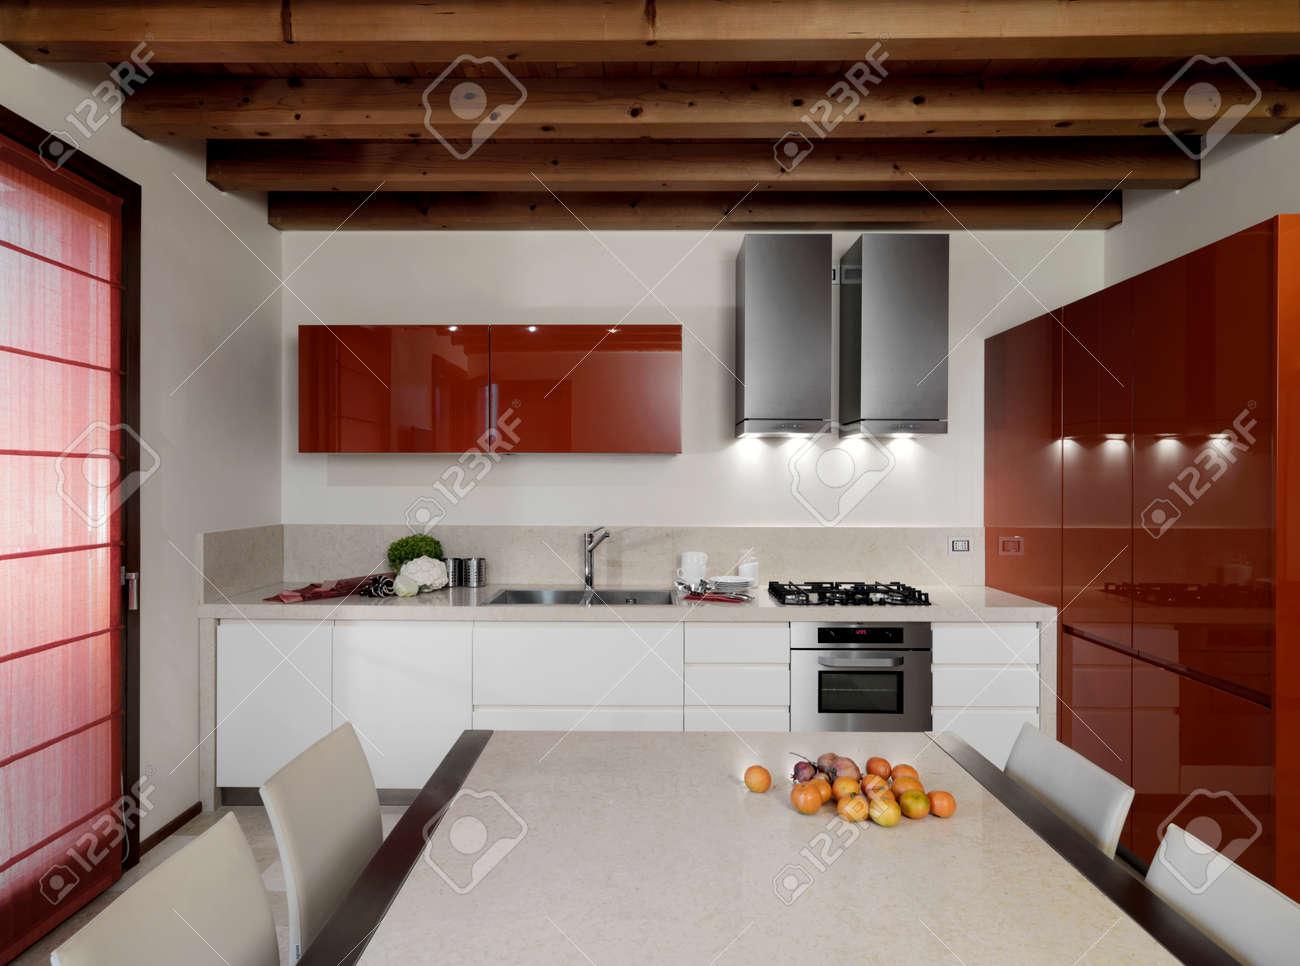 Beautiful Come Verniciare Una Cucina In Legno Photos - Design ...